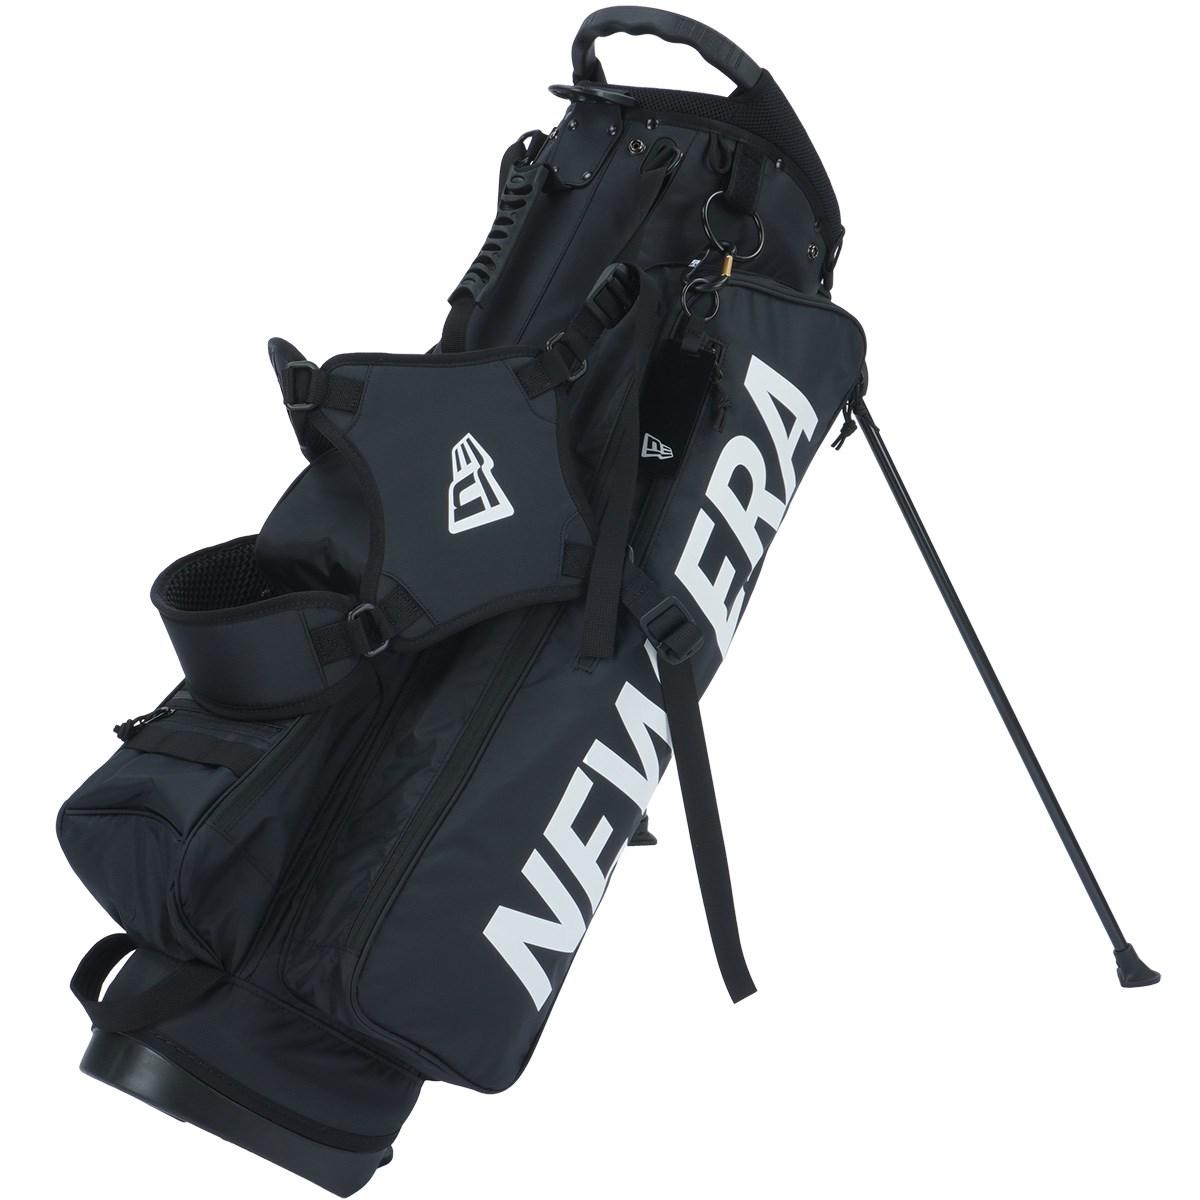 ニューエラ ゴルフライン GOLF スタンドキャディバッグ ブラック